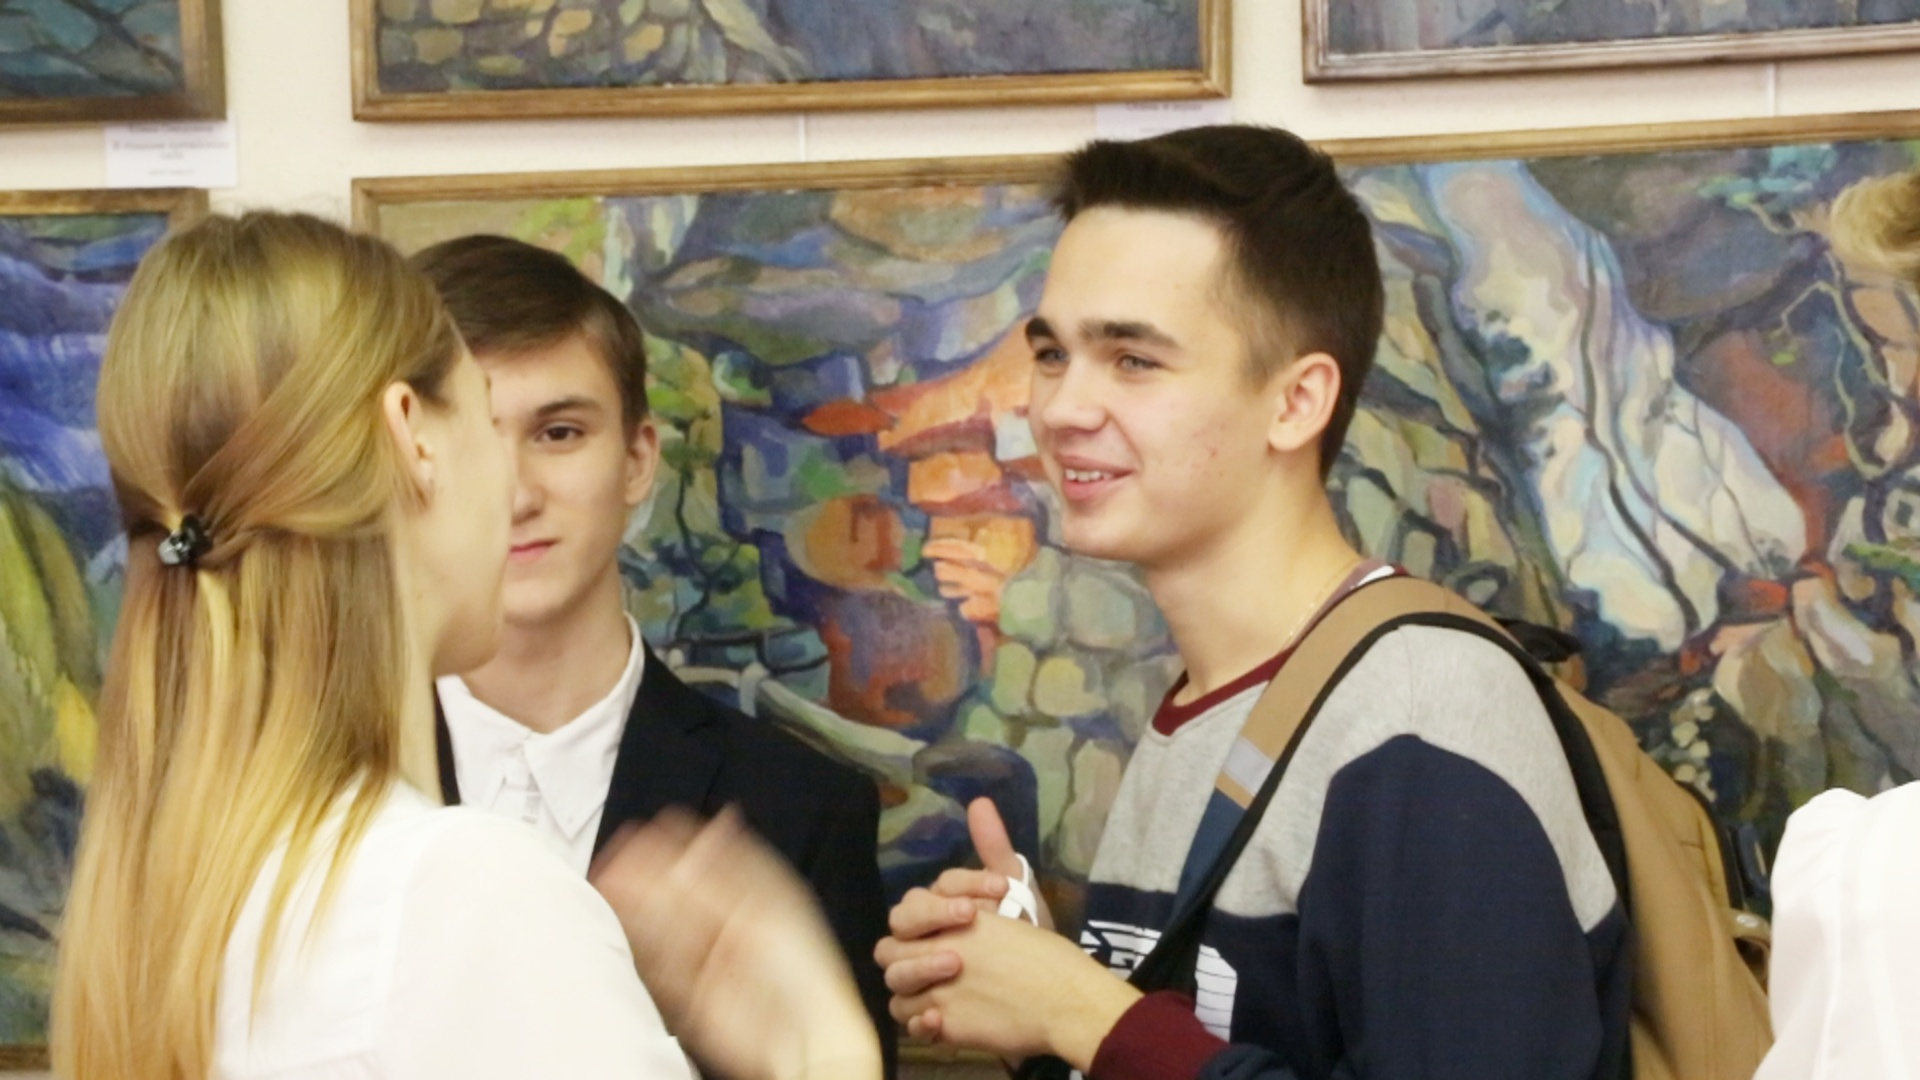 Дети представили свою социальную рекламу на фестивале в Москве